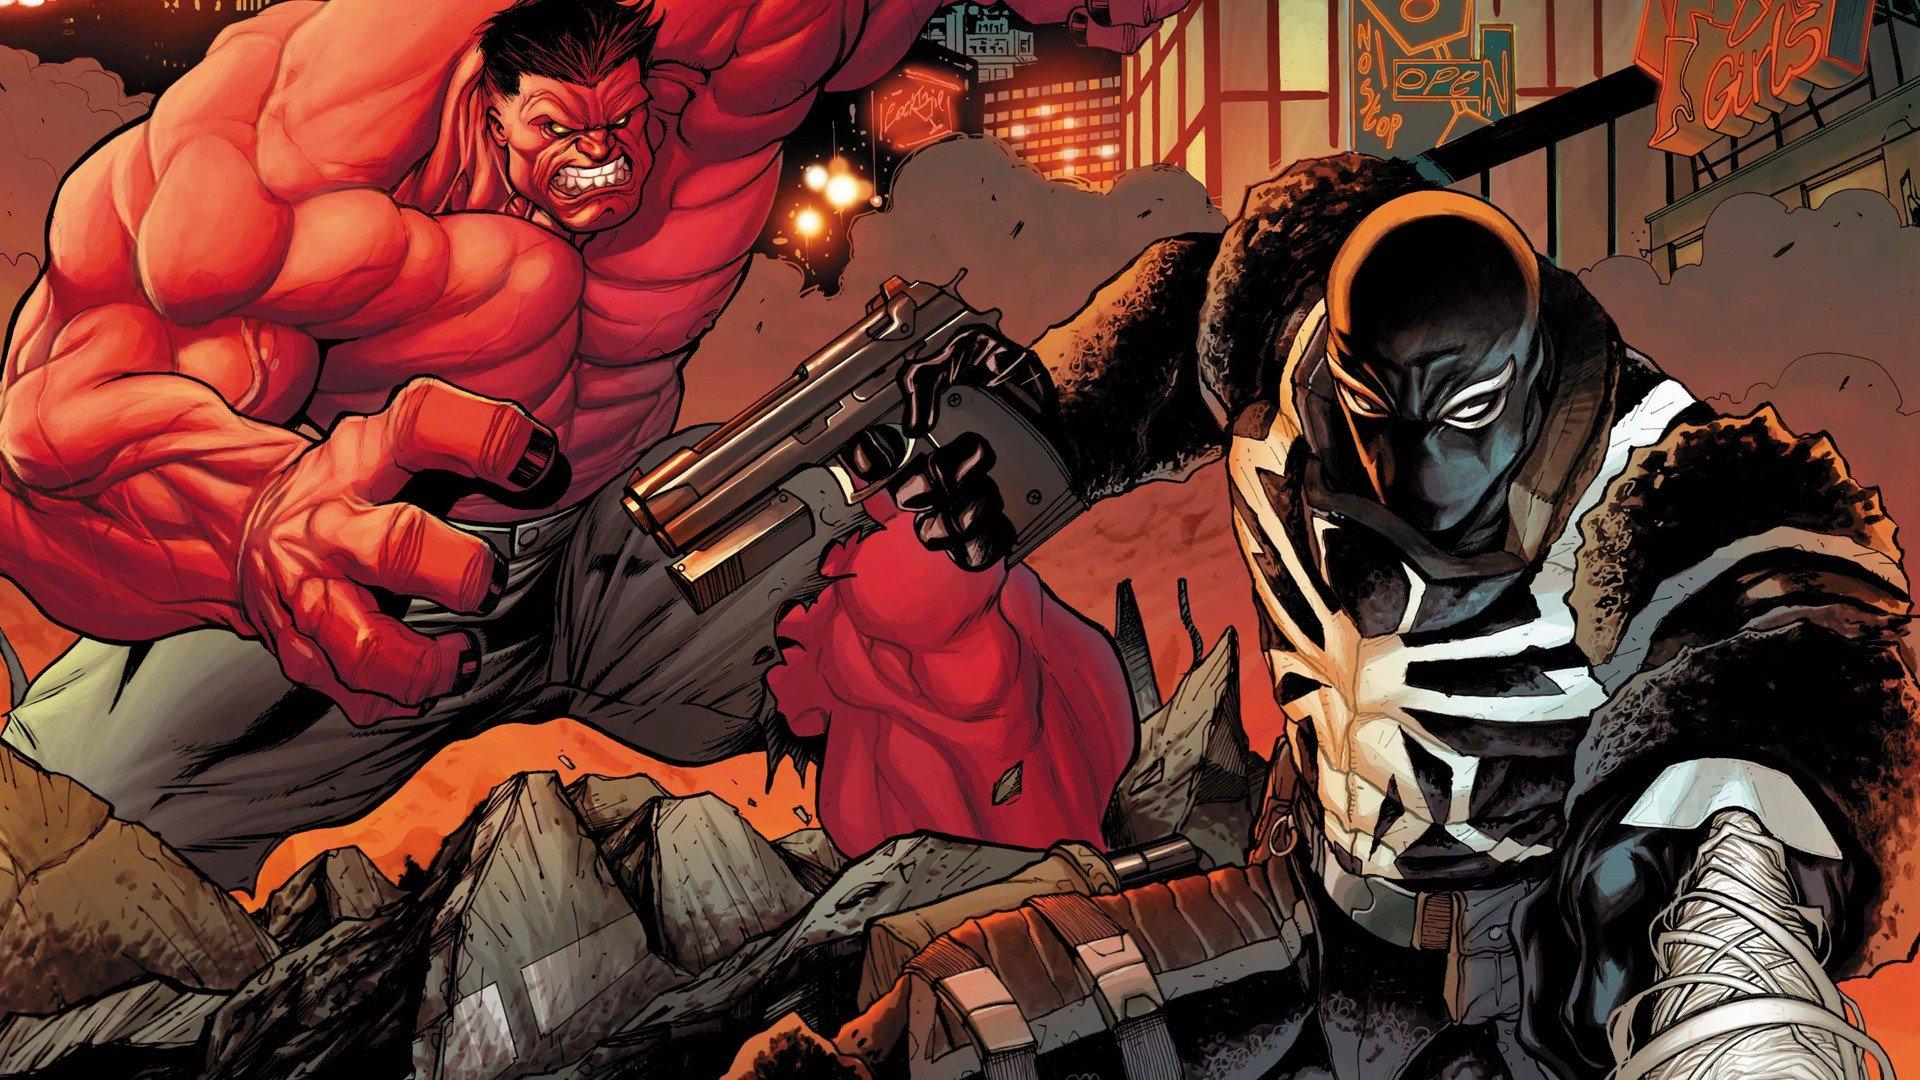 Супергерои комиксов, которые заслуживают собственных экранизаций - Изображение 4